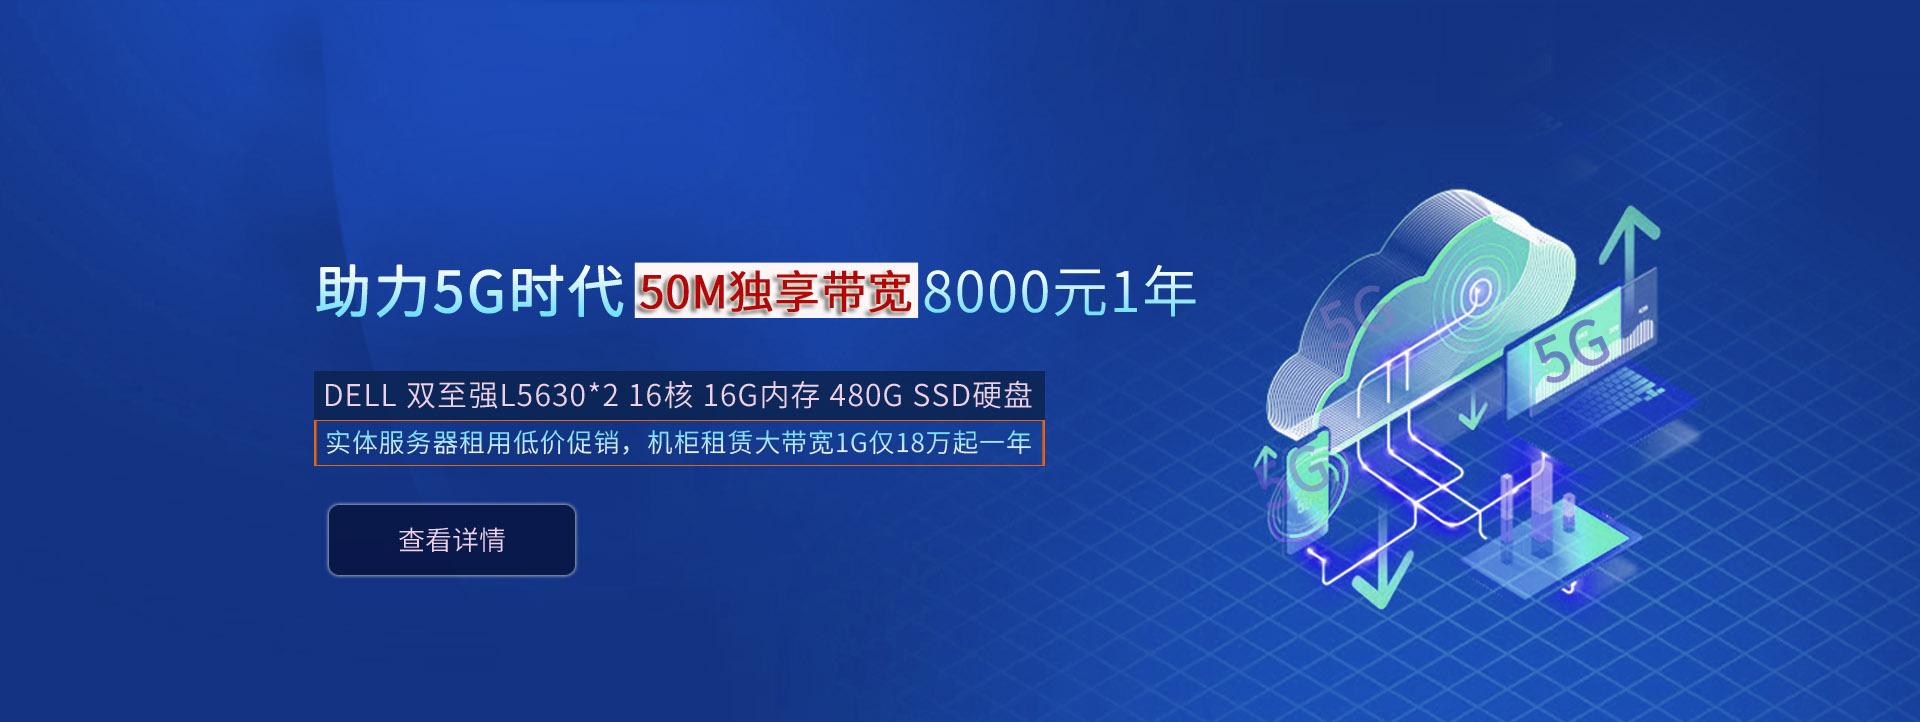 5G时代大带宽